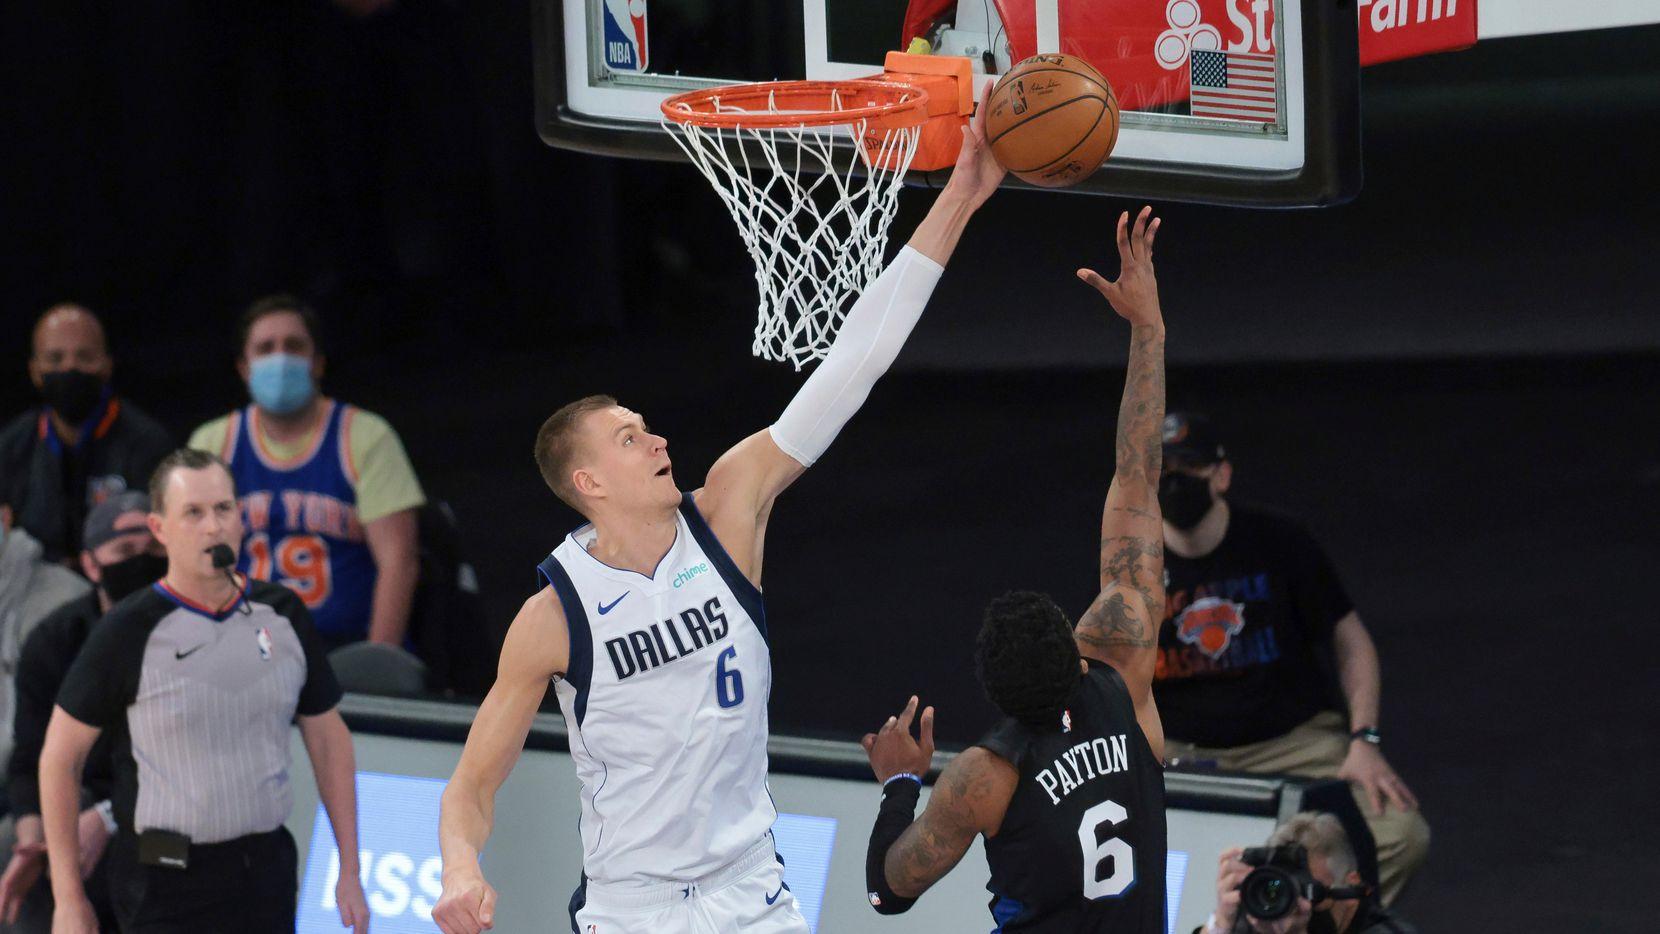 El centro de los Mavericks  de Dallas, Kristaps Porzingis (6), bloquea un disparo en el juego contra Knicks  de Nueva York, el 2 de abril de 2021 en Nueva York.